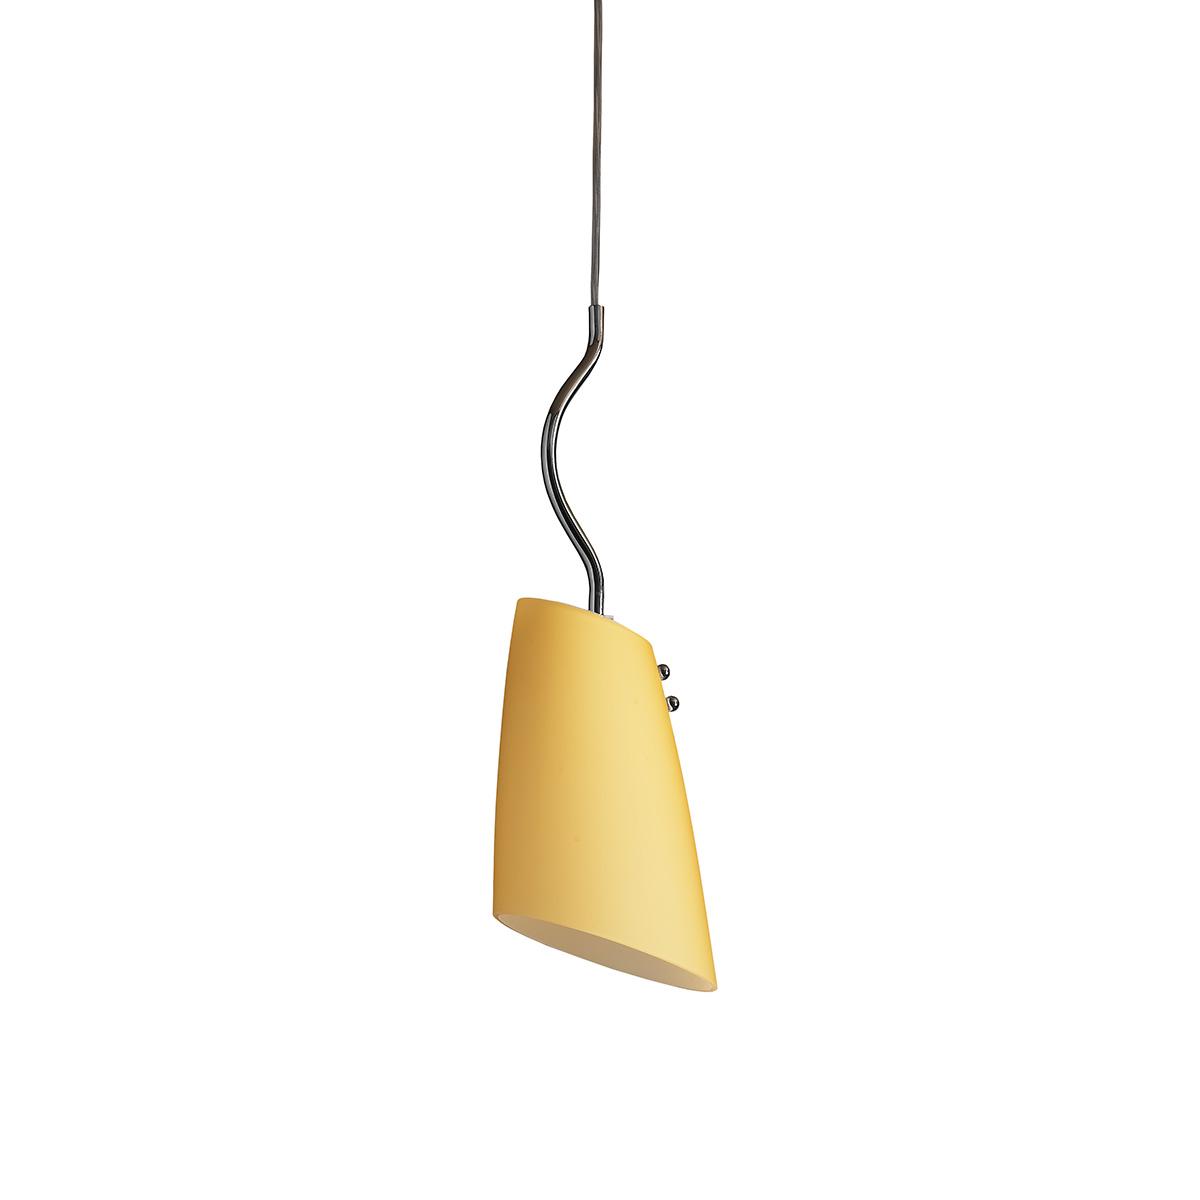 Μοντέρνο μονόφωτο Μουράνο DONNA modern Murano pendant lamp